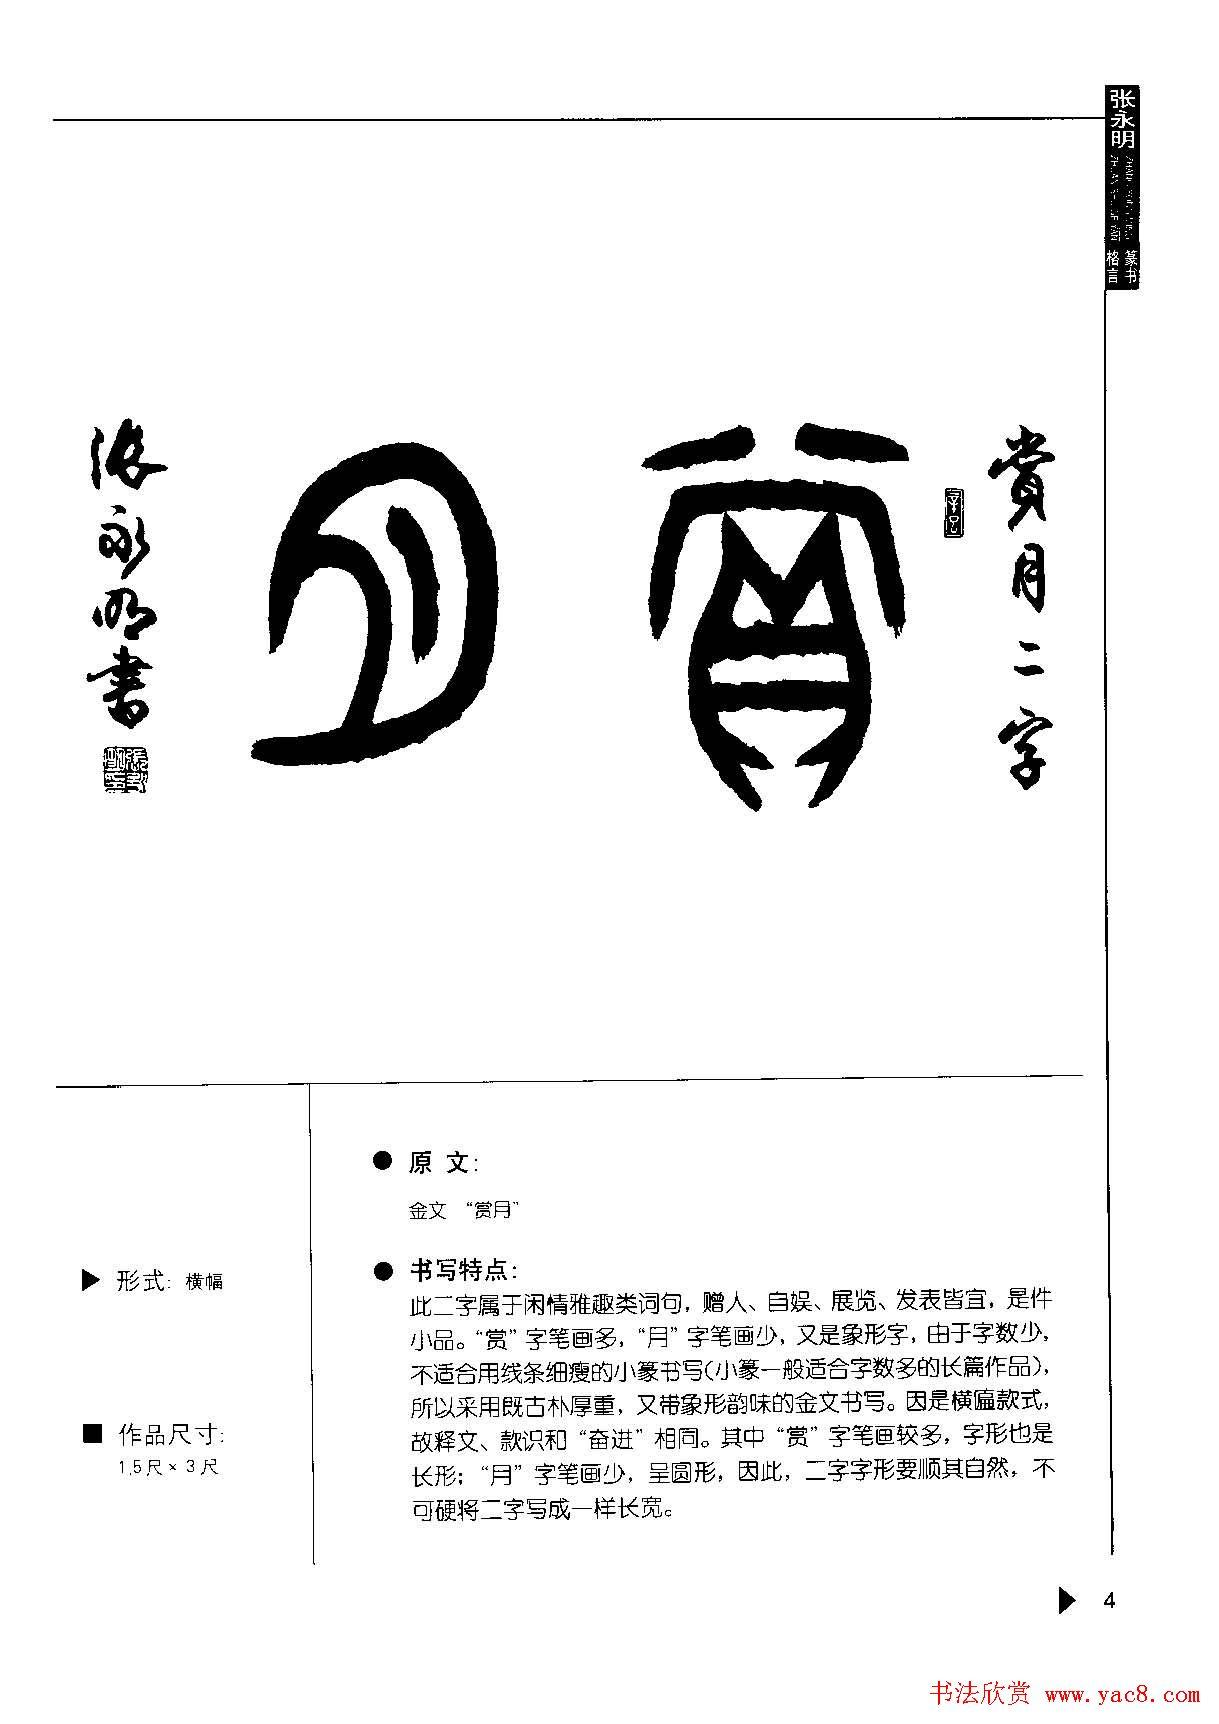 张永明书法字帖《篆书格言50例》(6)图片